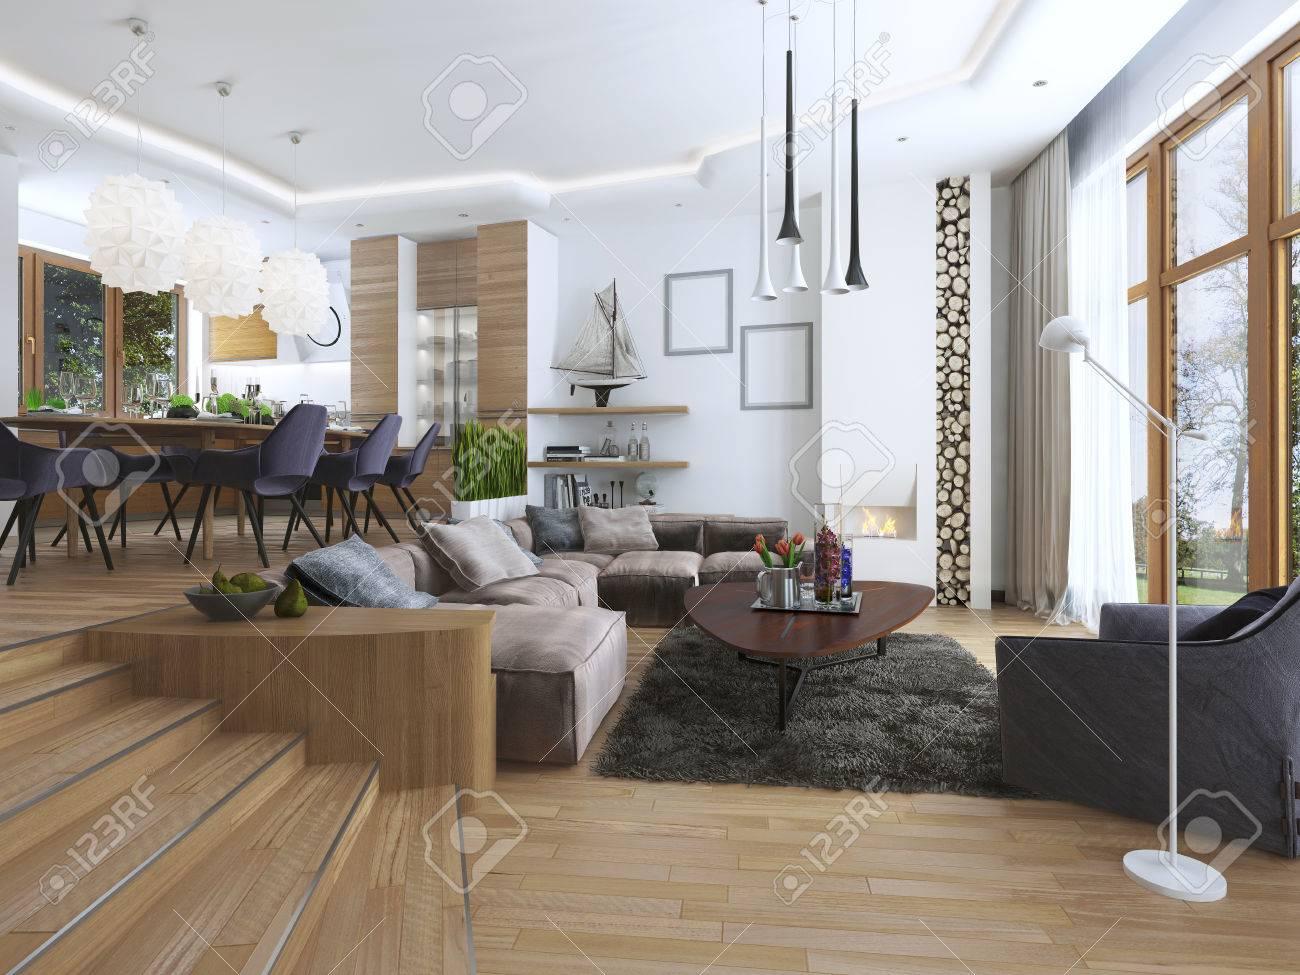 Das Zimmer Ist Ein Studio Mit Küche Und Essbereich Sowie Ein Wohnzimmer Auf  Der Unteren Ebene